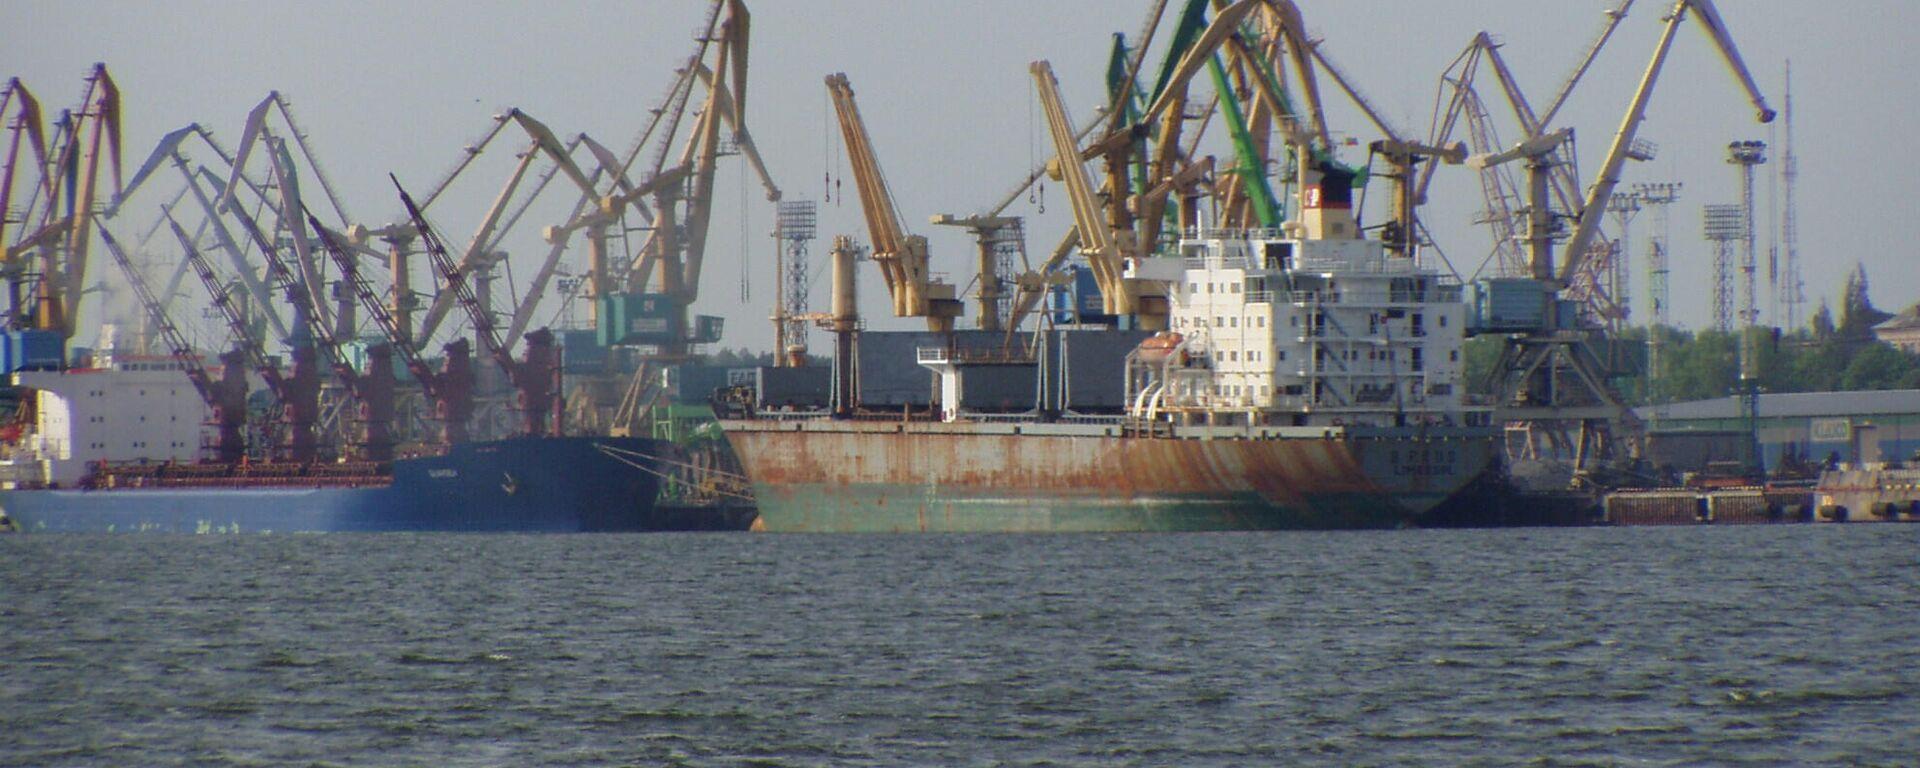 Клайпедский морской порт - Sputnik Латвия, 1920, 13.08.2021